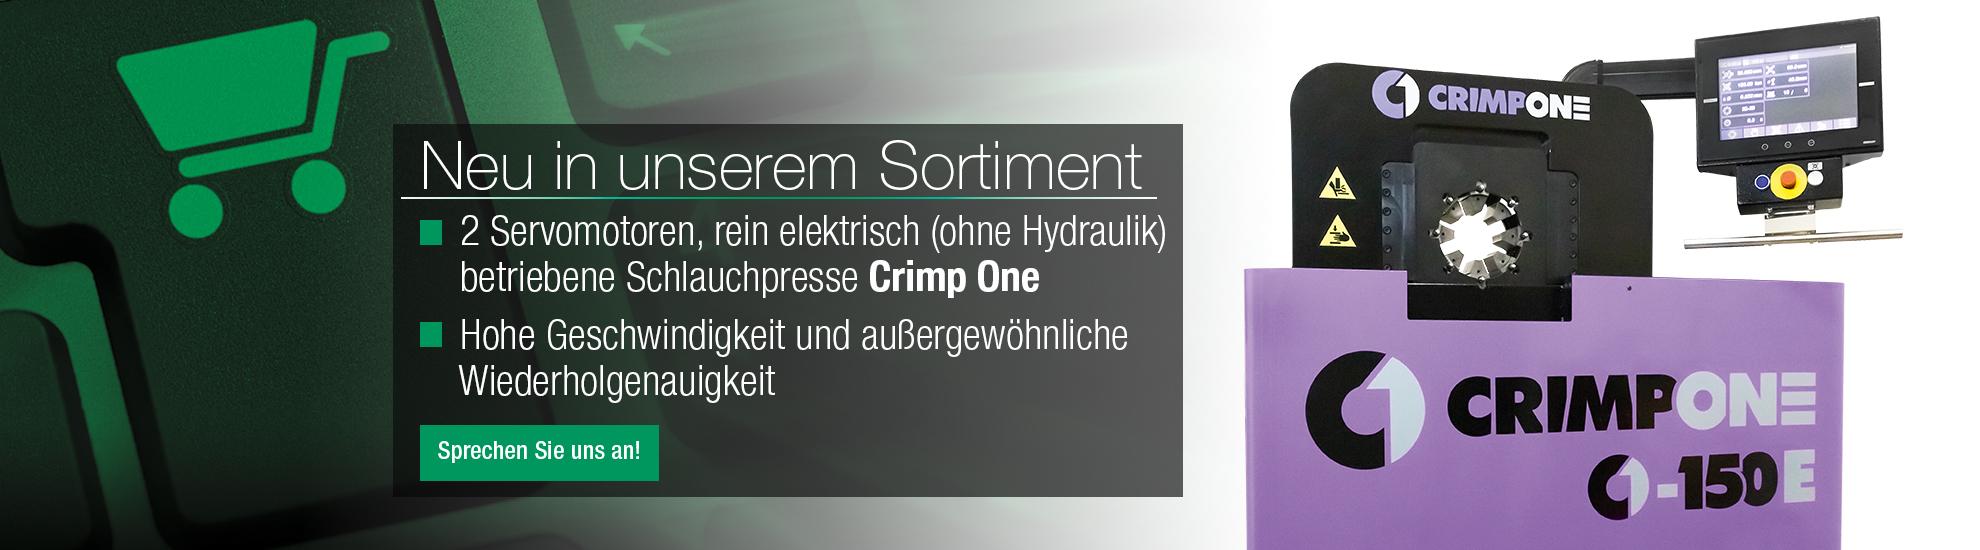 Elektrische Hydraulikpresse Crimp One